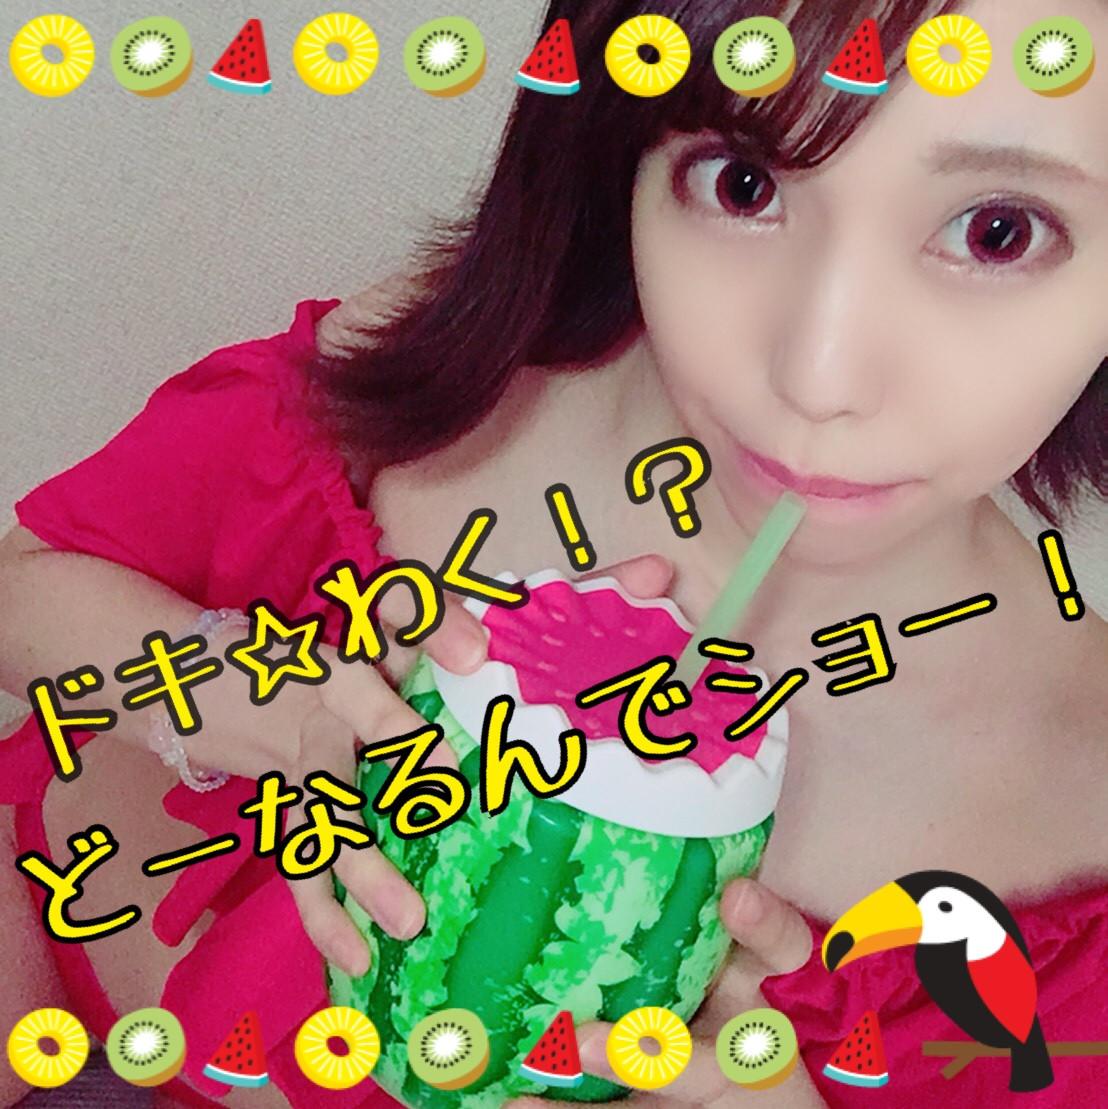 8/16(木)みーちちゃん企画「ドキわく?!どうなるんでショー!」